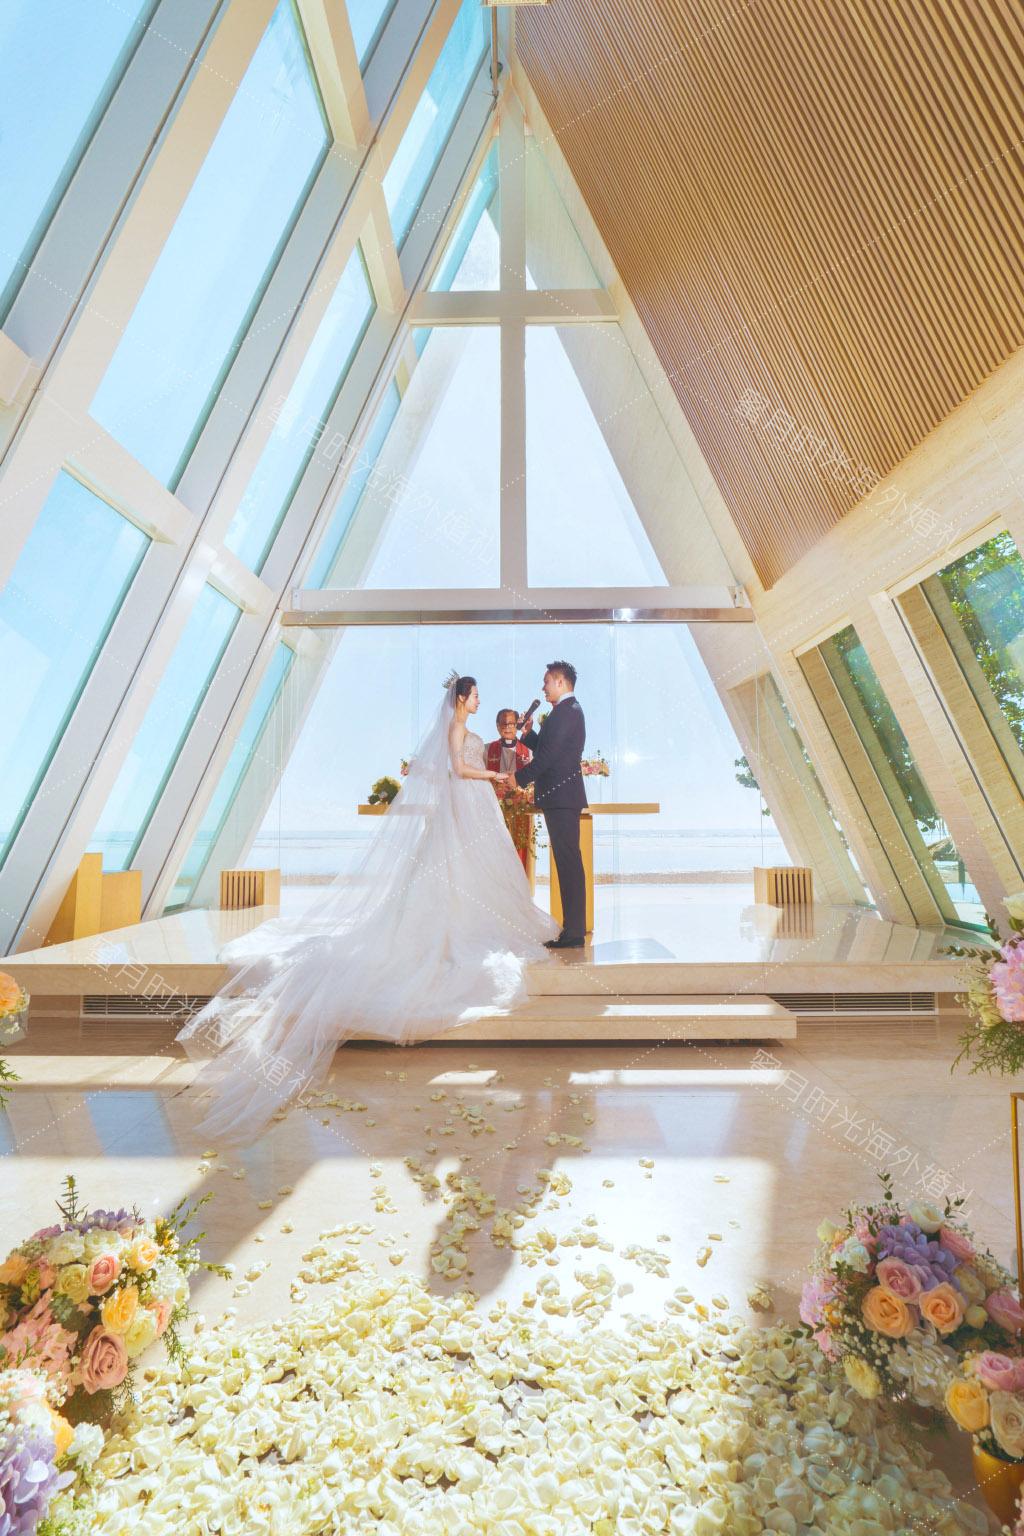 港丽无限教堂婚礼+升级布置|我愿意成为你的新郎一生一世|海外婚礼